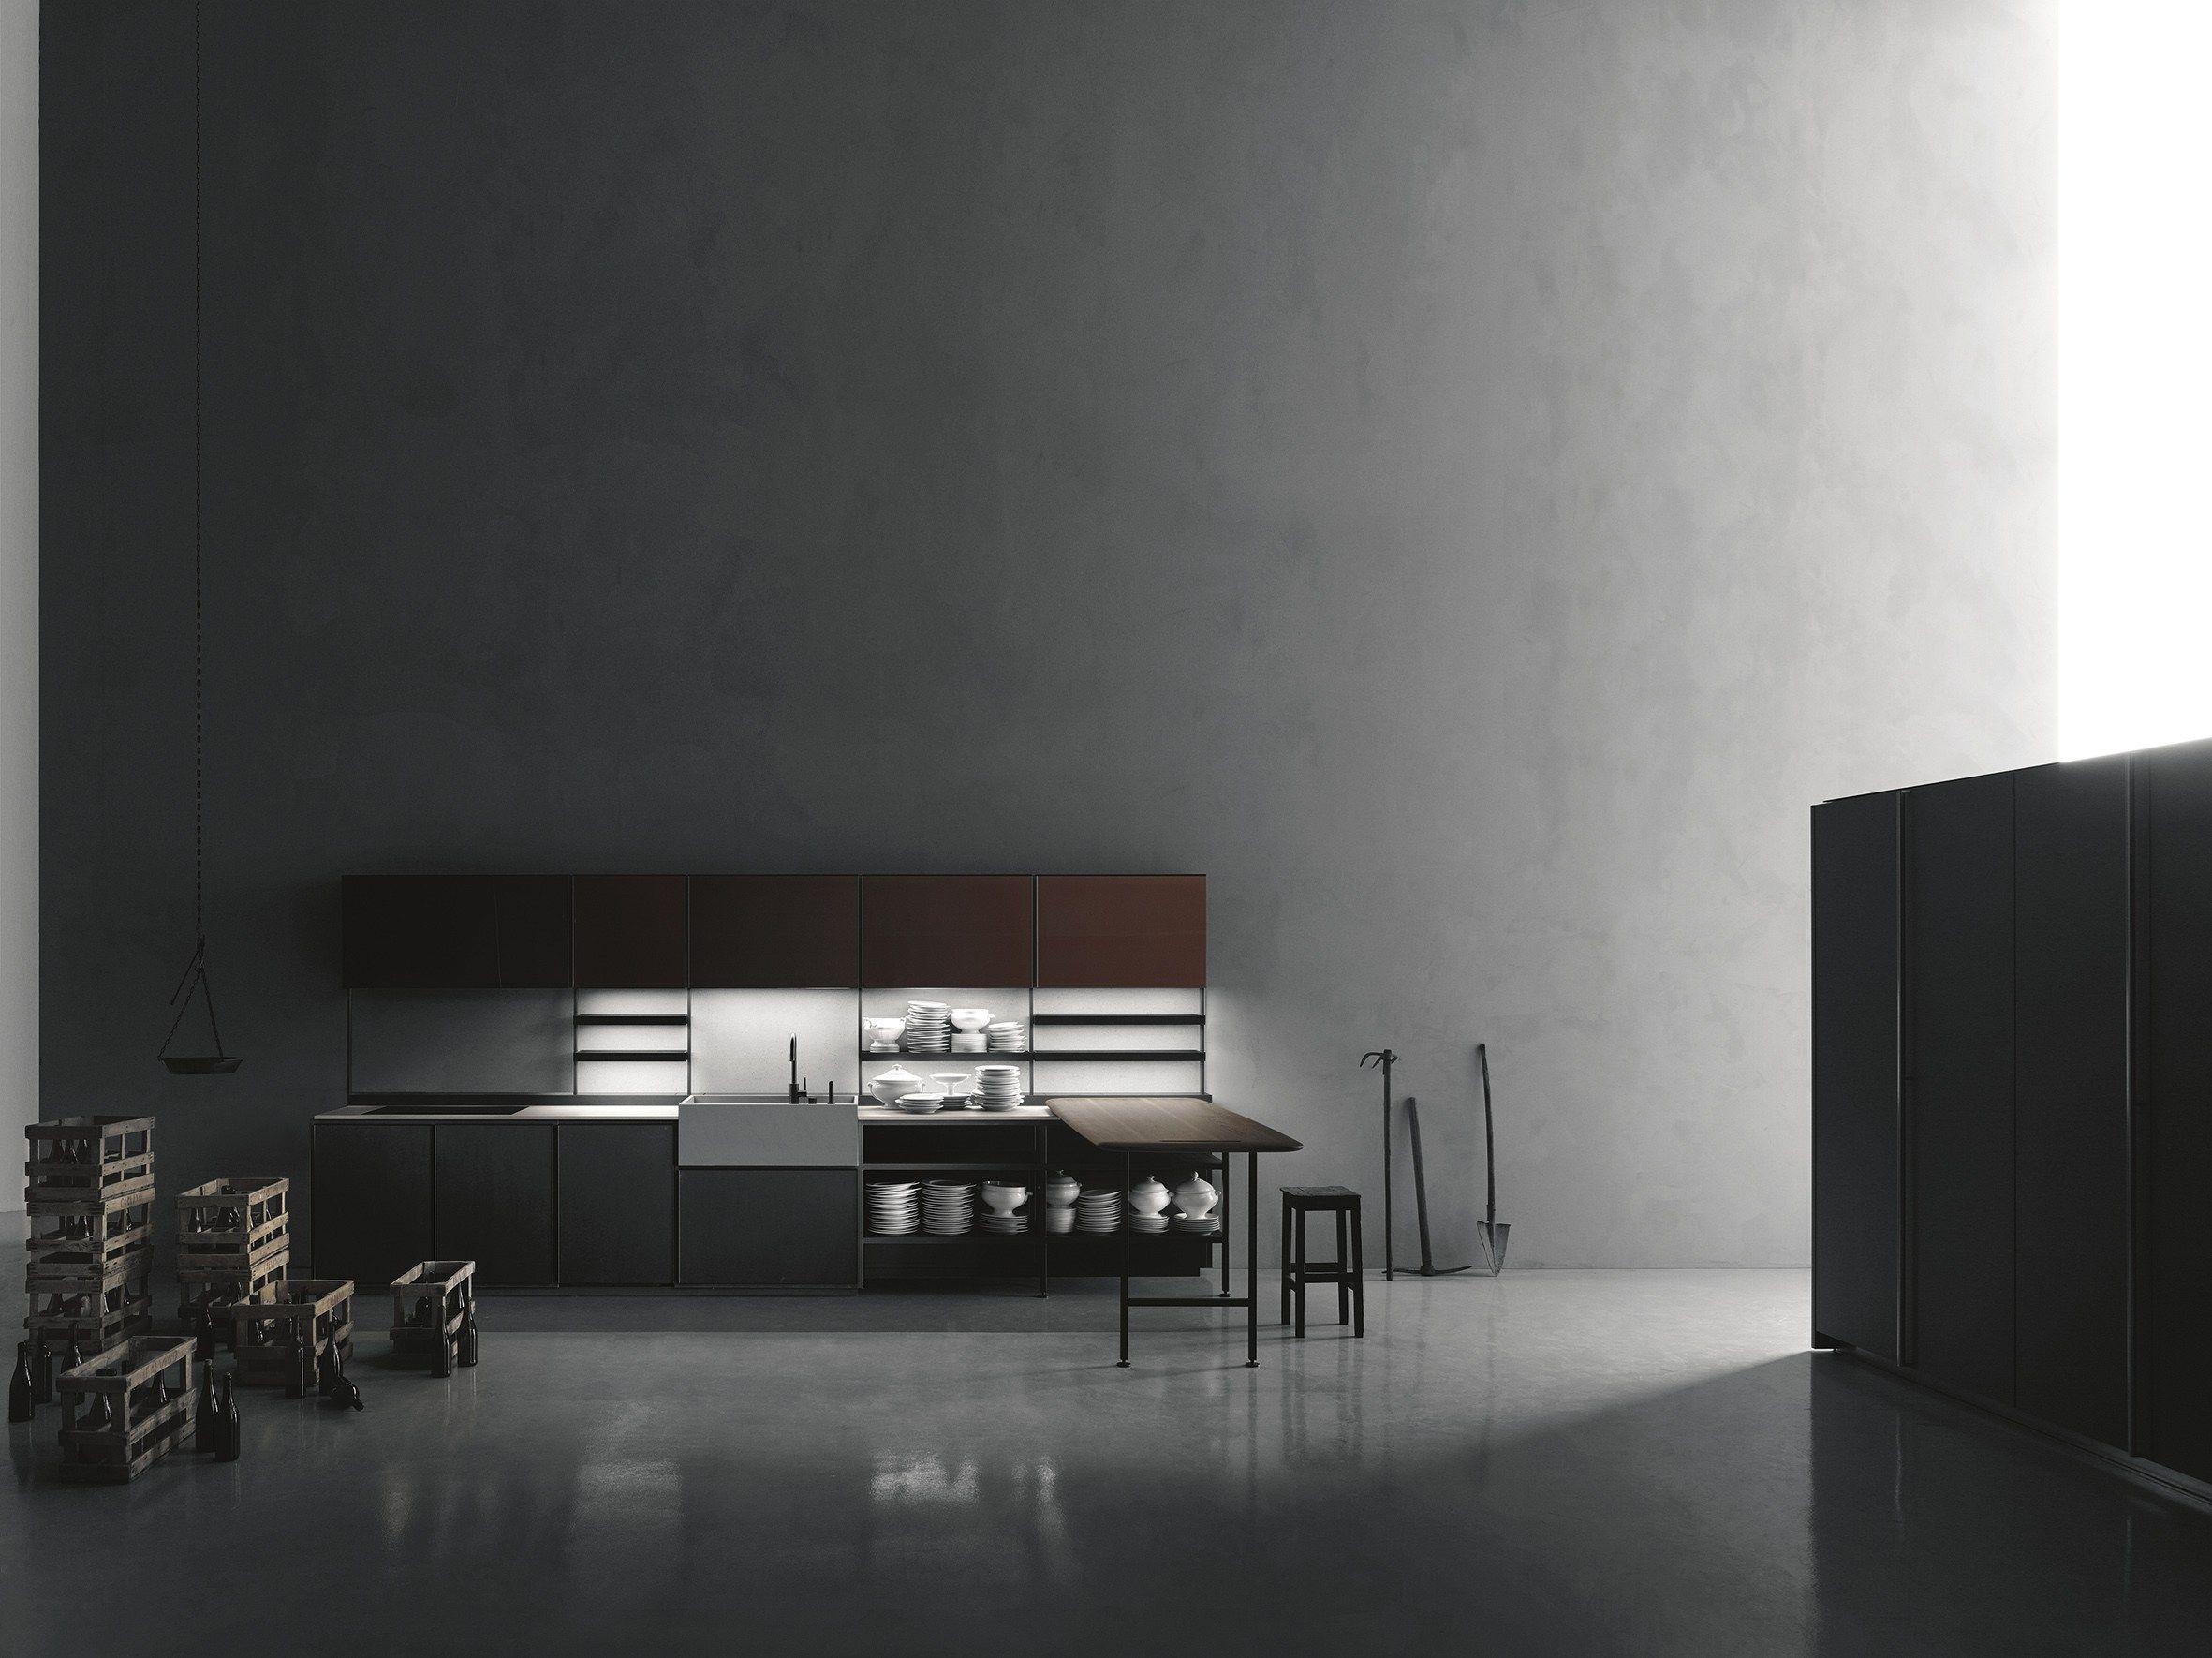 Cocina modular SALINAS by Boffi diseño Patricia Urquiola | cucine ...